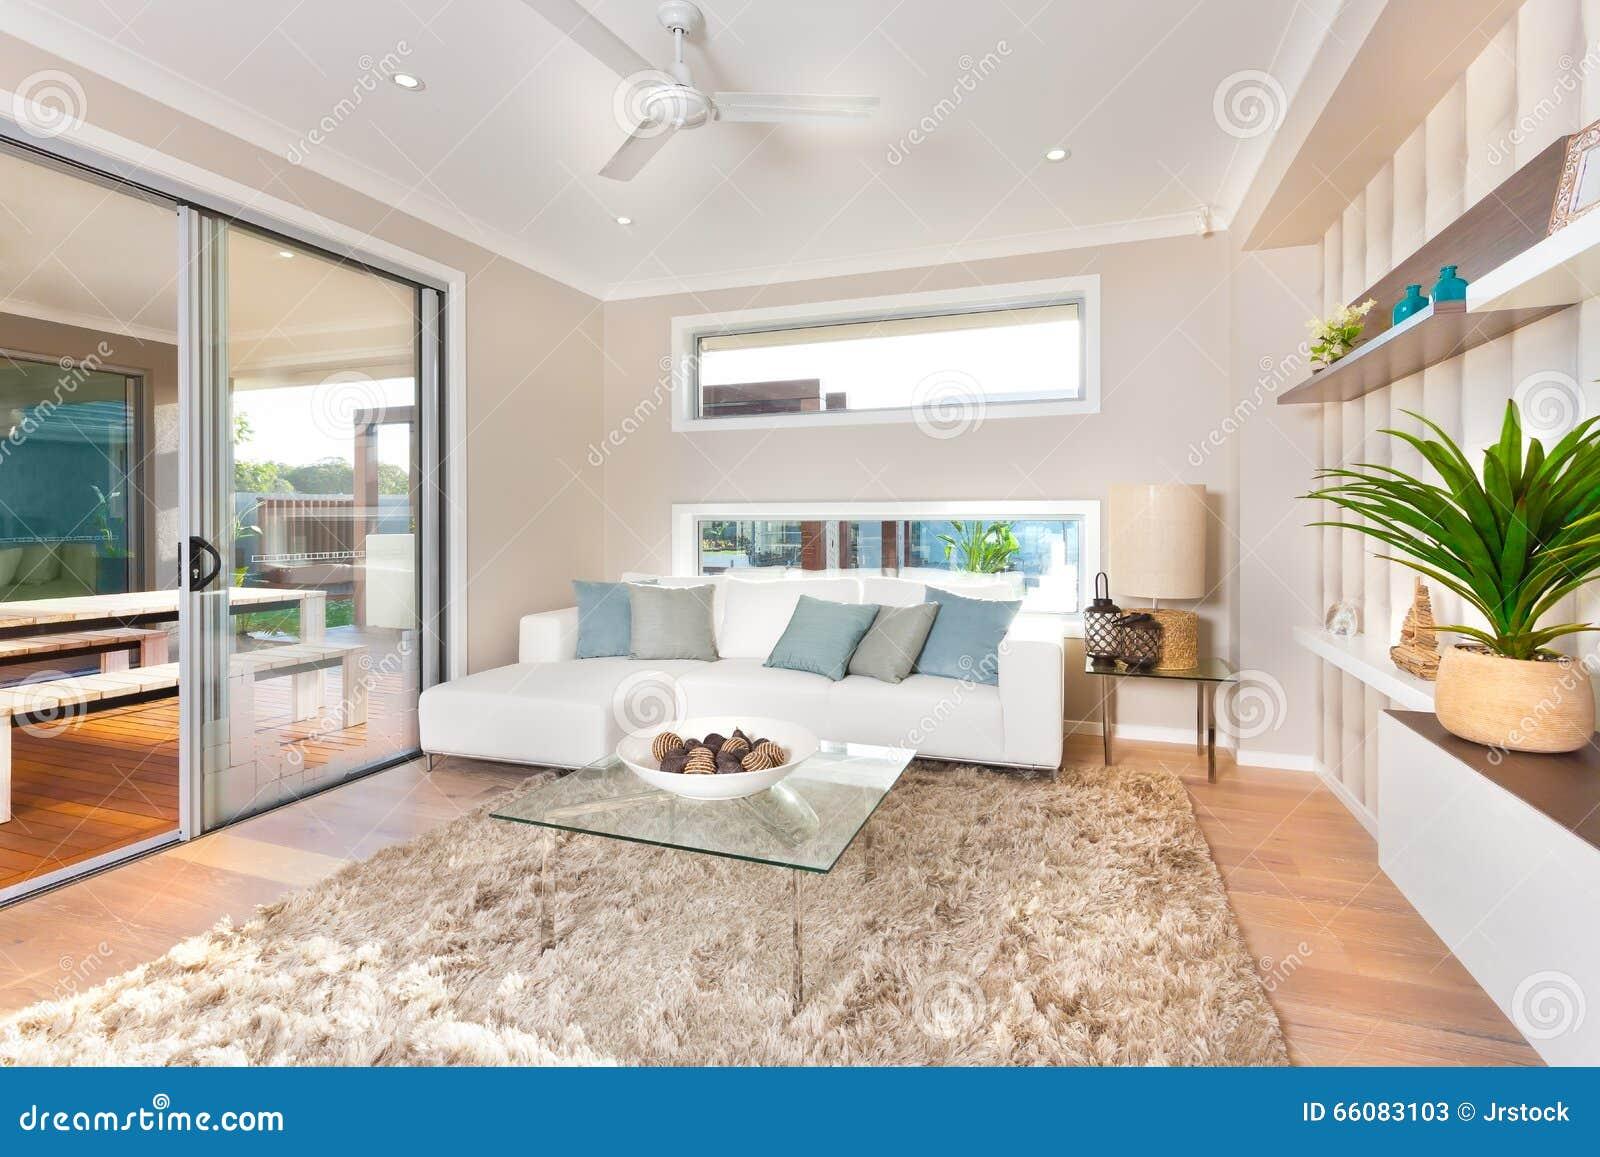 Interno moderno del salone di una casa di lusso immagine for Arredamenti interni case di lusso